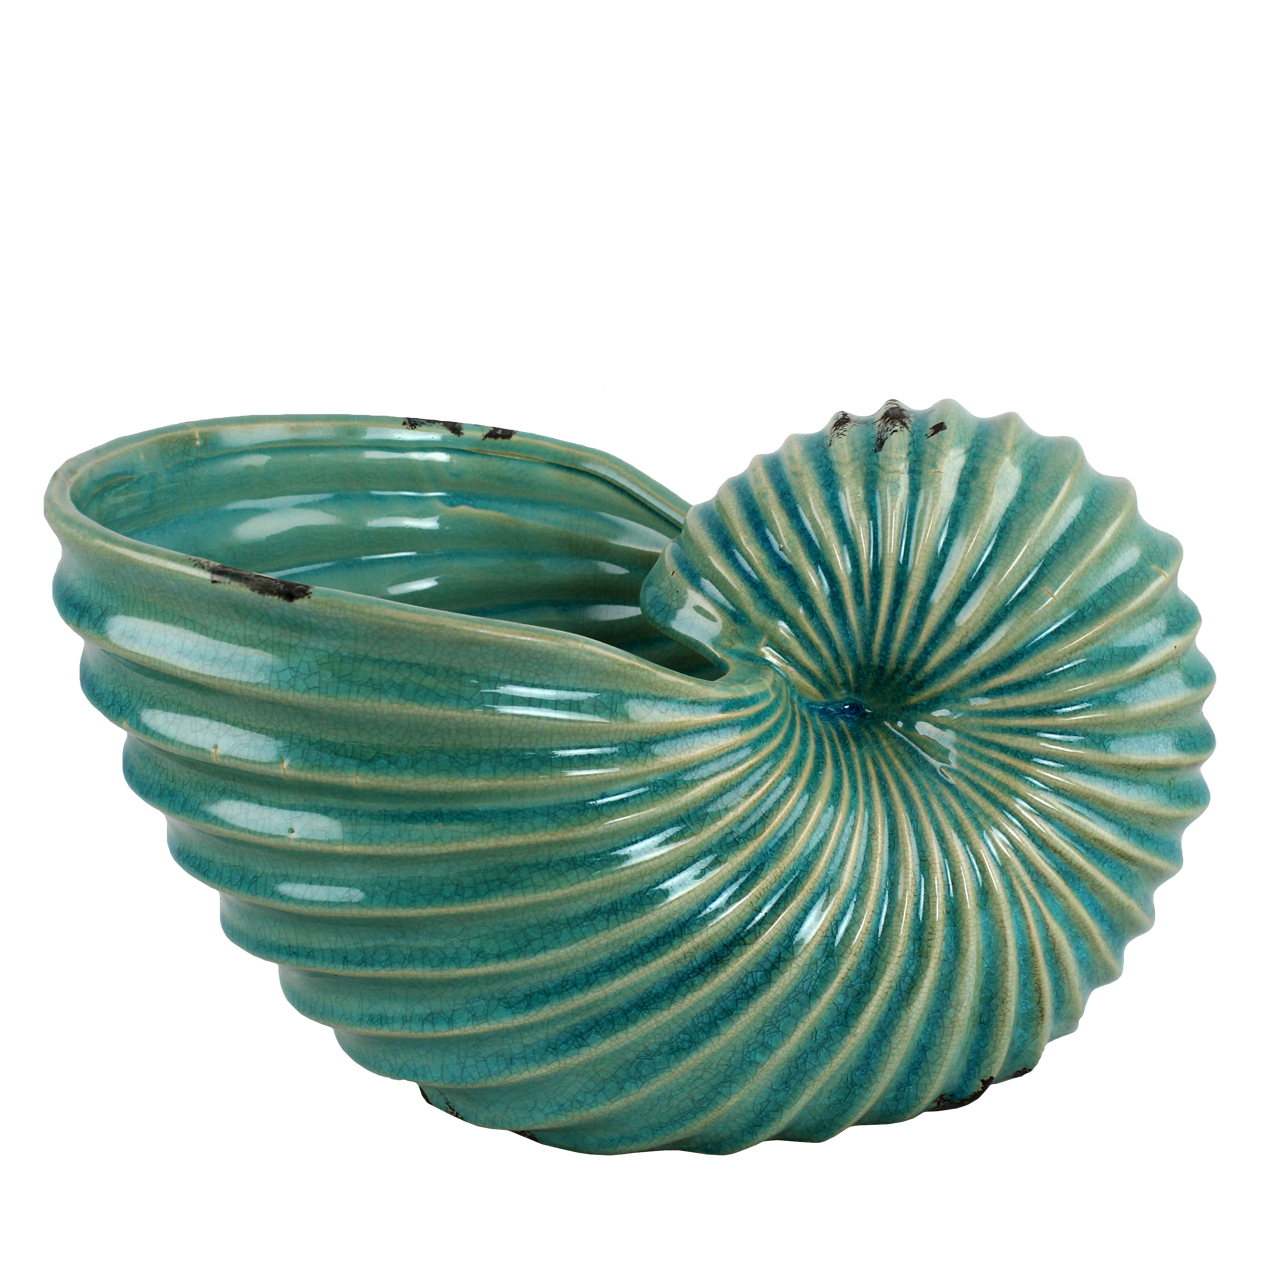 Jardiniera Melc Din Ceramica Turcoaz 32 Cm